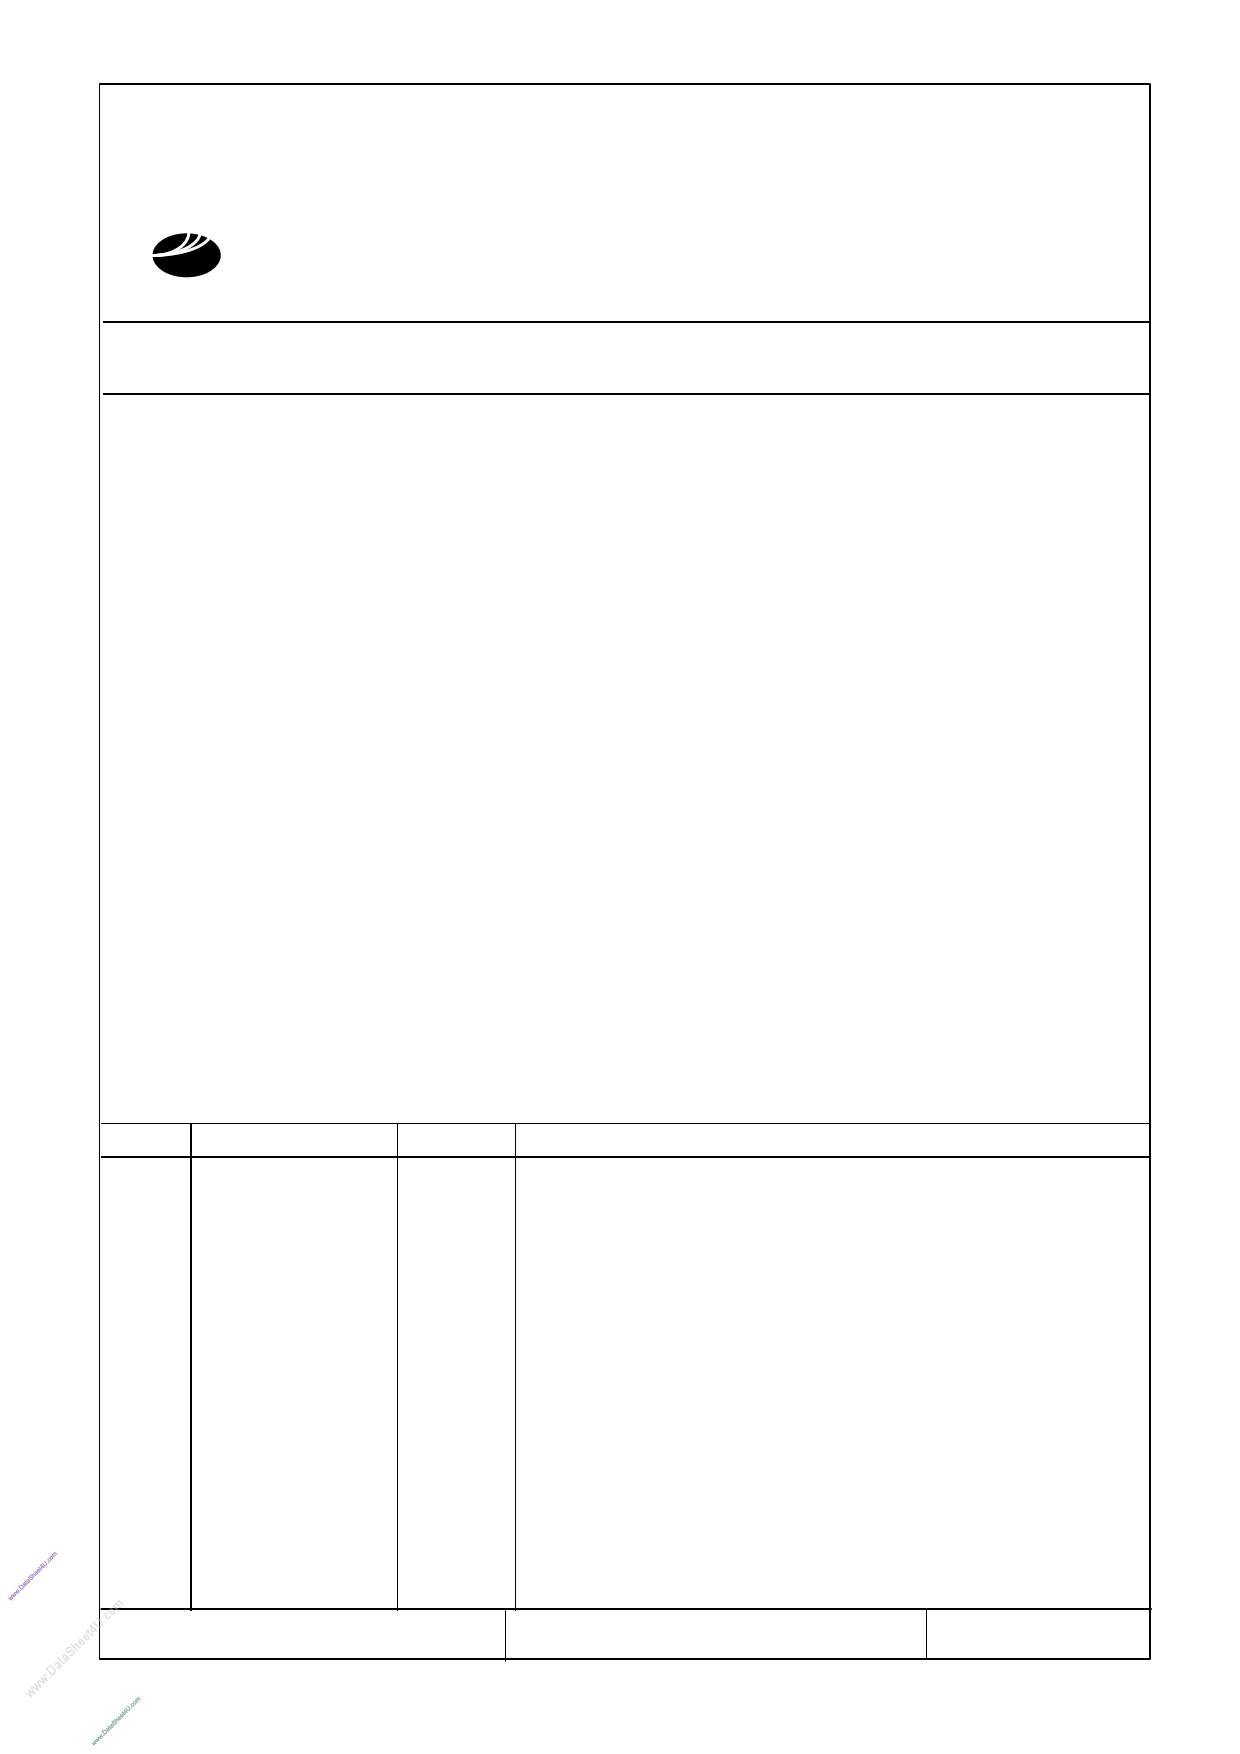 T-51513D104JU-FW_A_AA دیتاشیت PDF